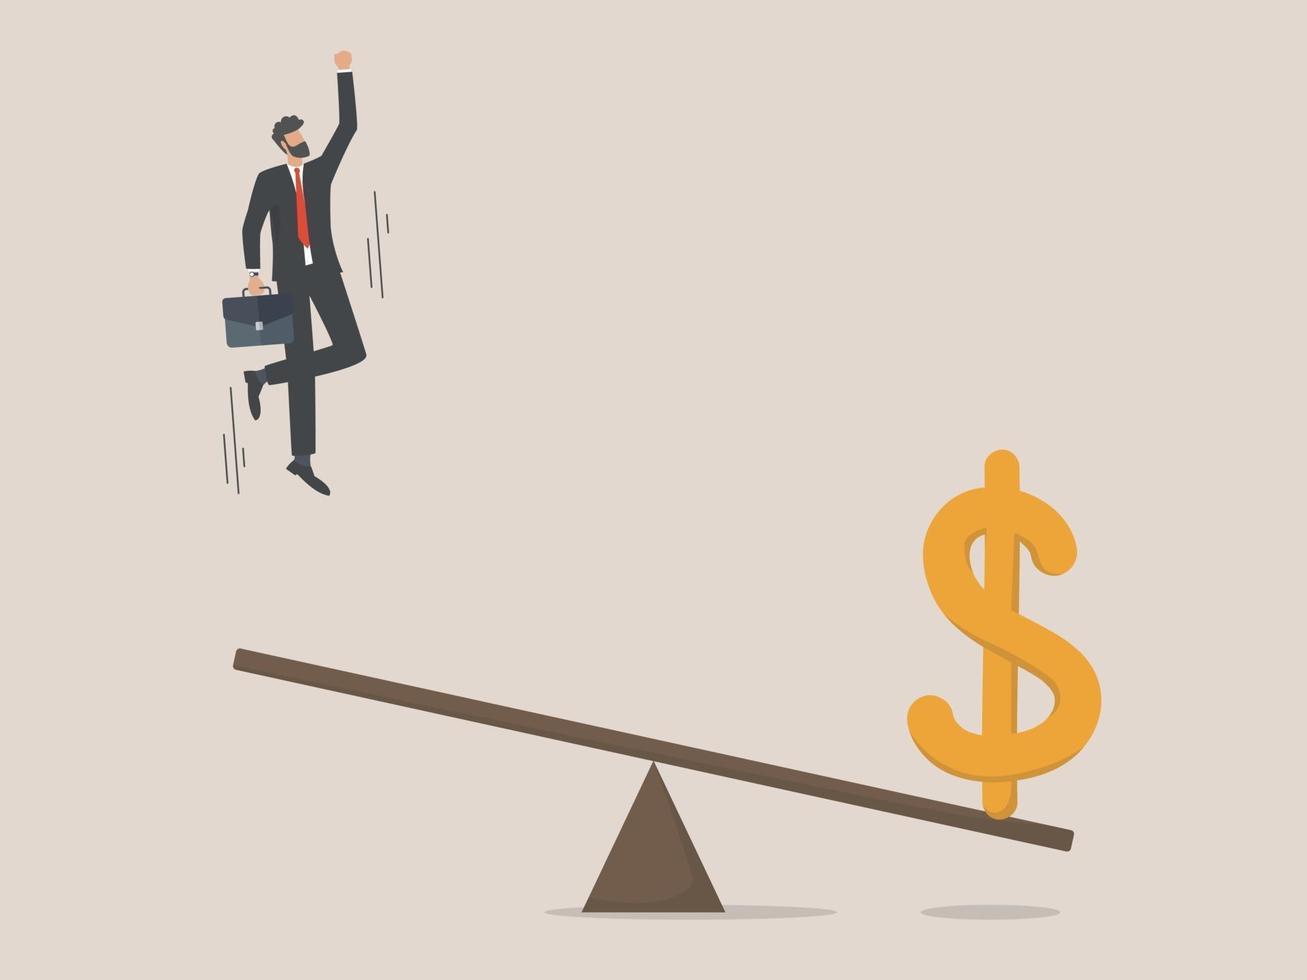 investissement commercial et réalisation de bénéfices, homme d'affaires prospère vecteur